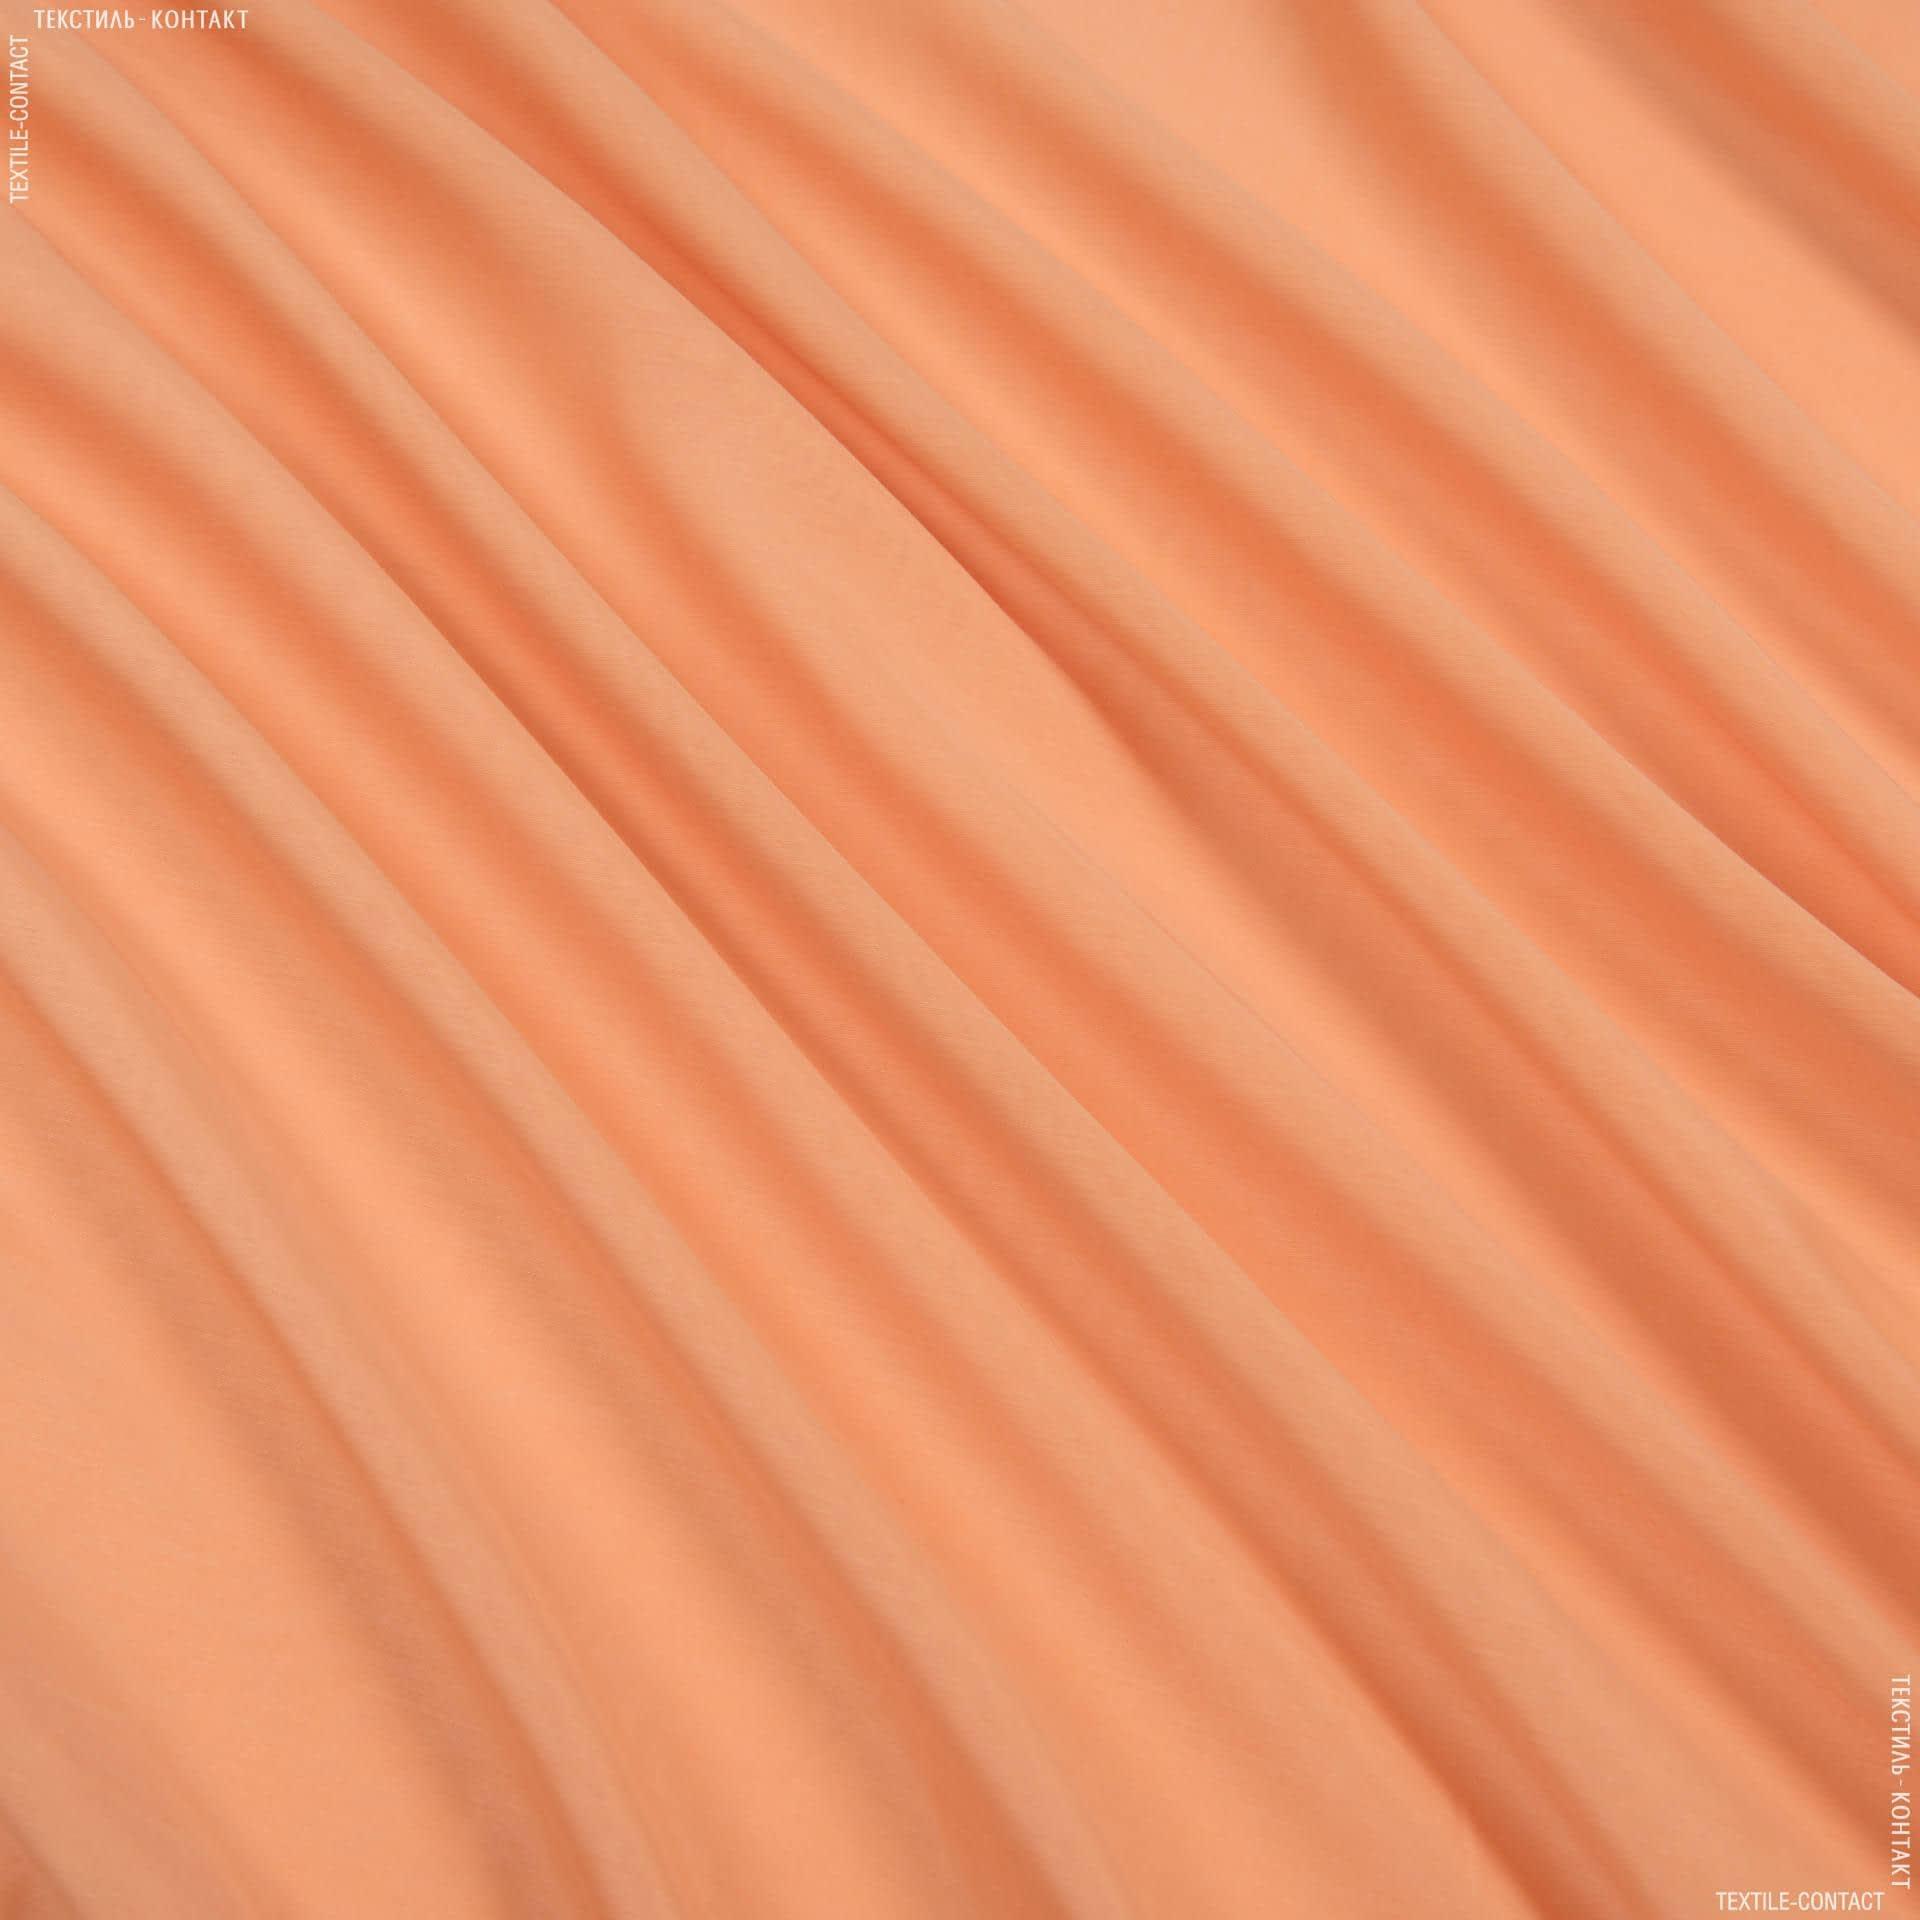 Тканини гардинні тканини - Тюль батист морела абрикос